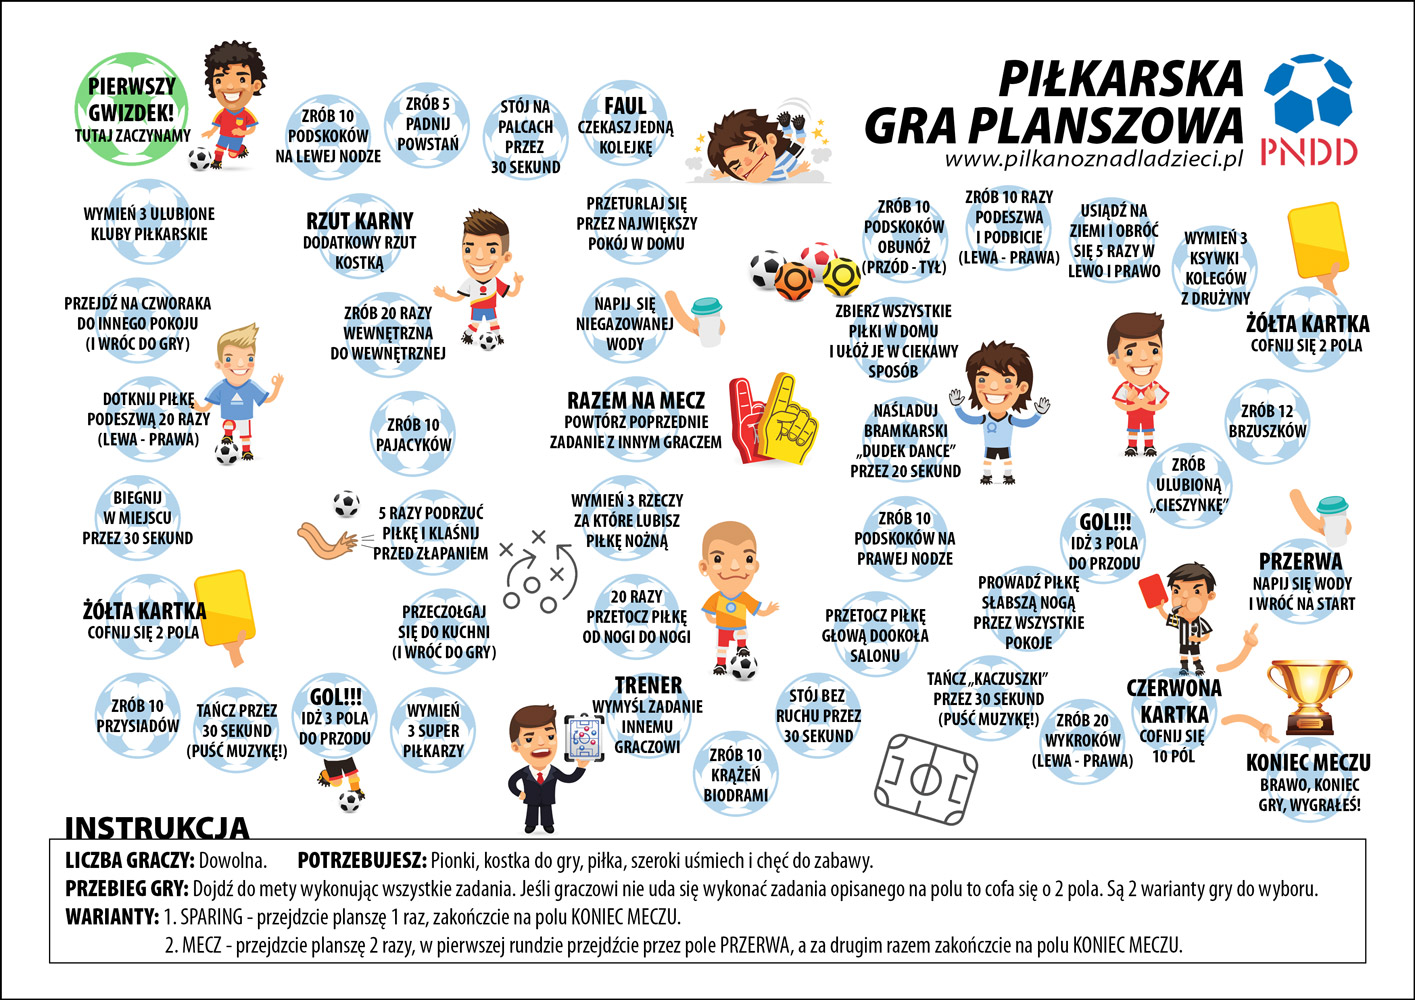 Piłkarska Gra Planszowa - wersja 1